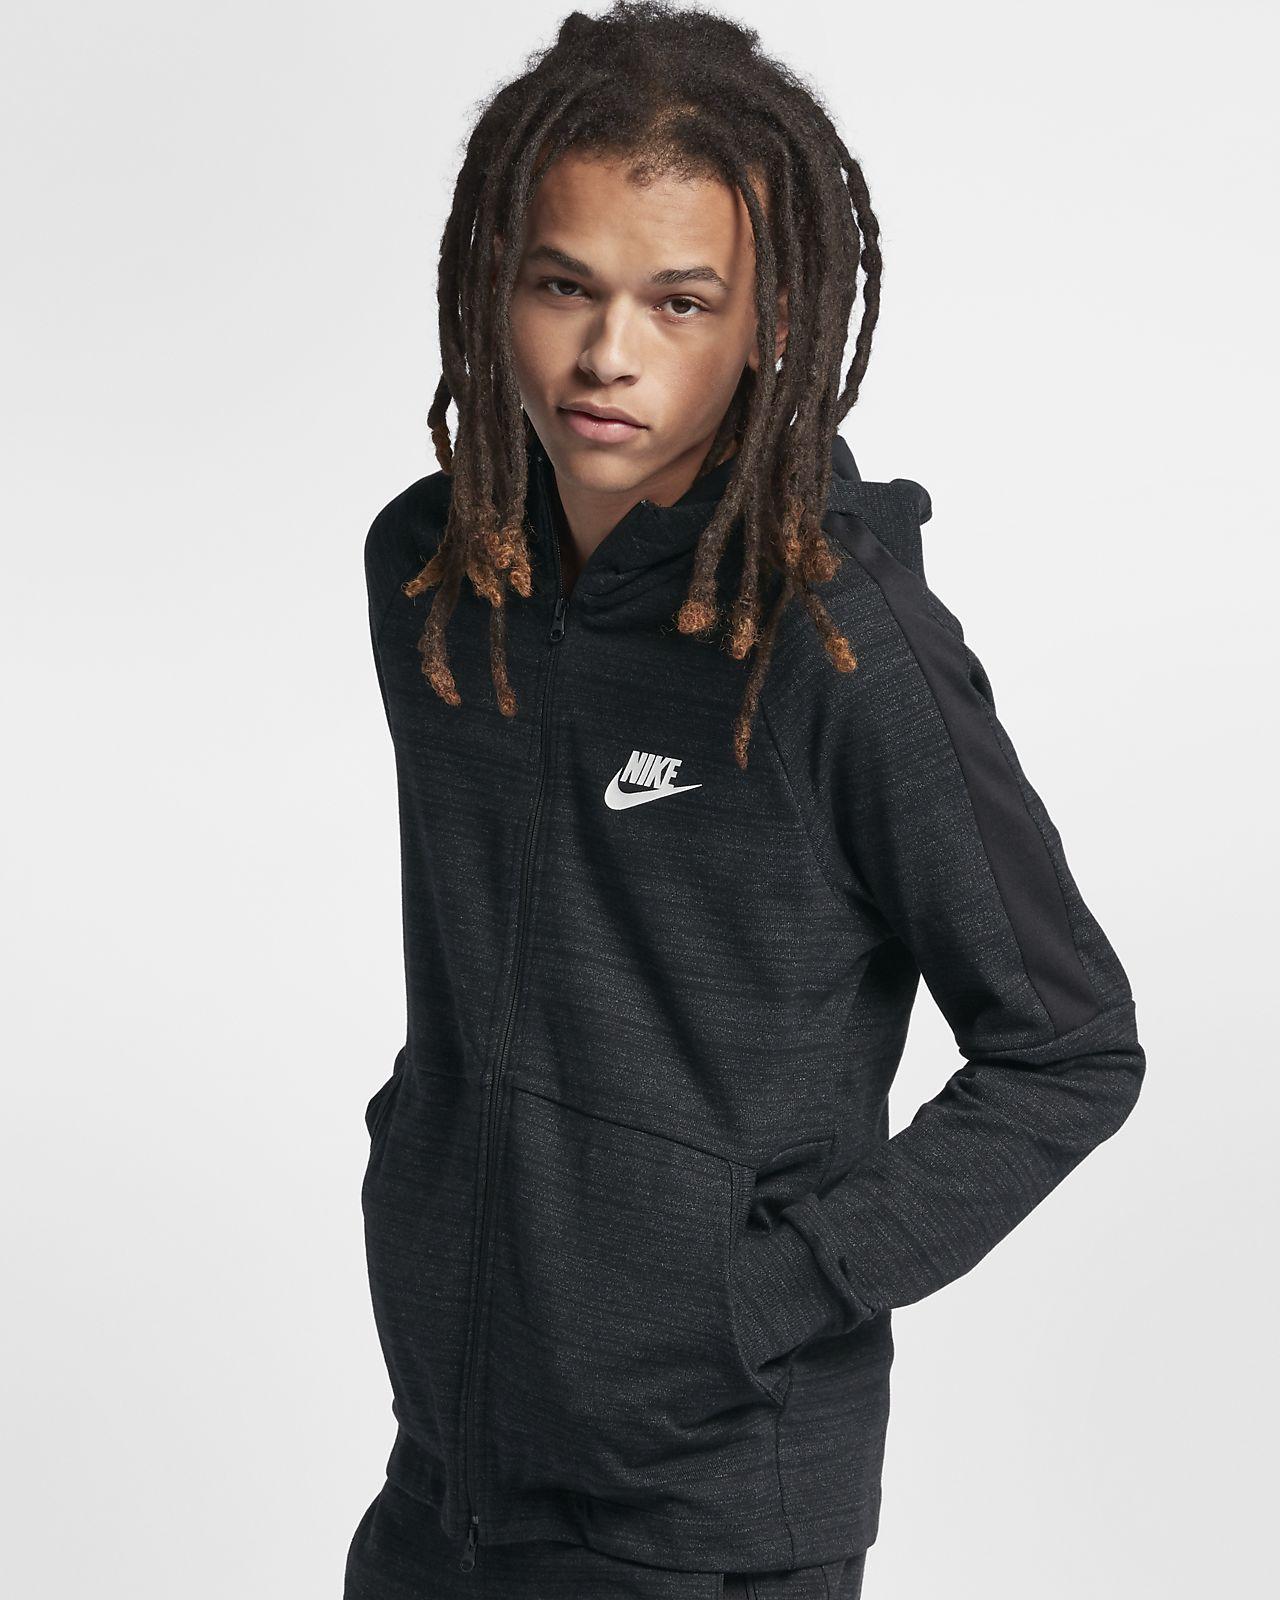 b69375db9d2d Nike Sportswear Advance 15 Men s Full-Zip Hoodie. Nike.com GB